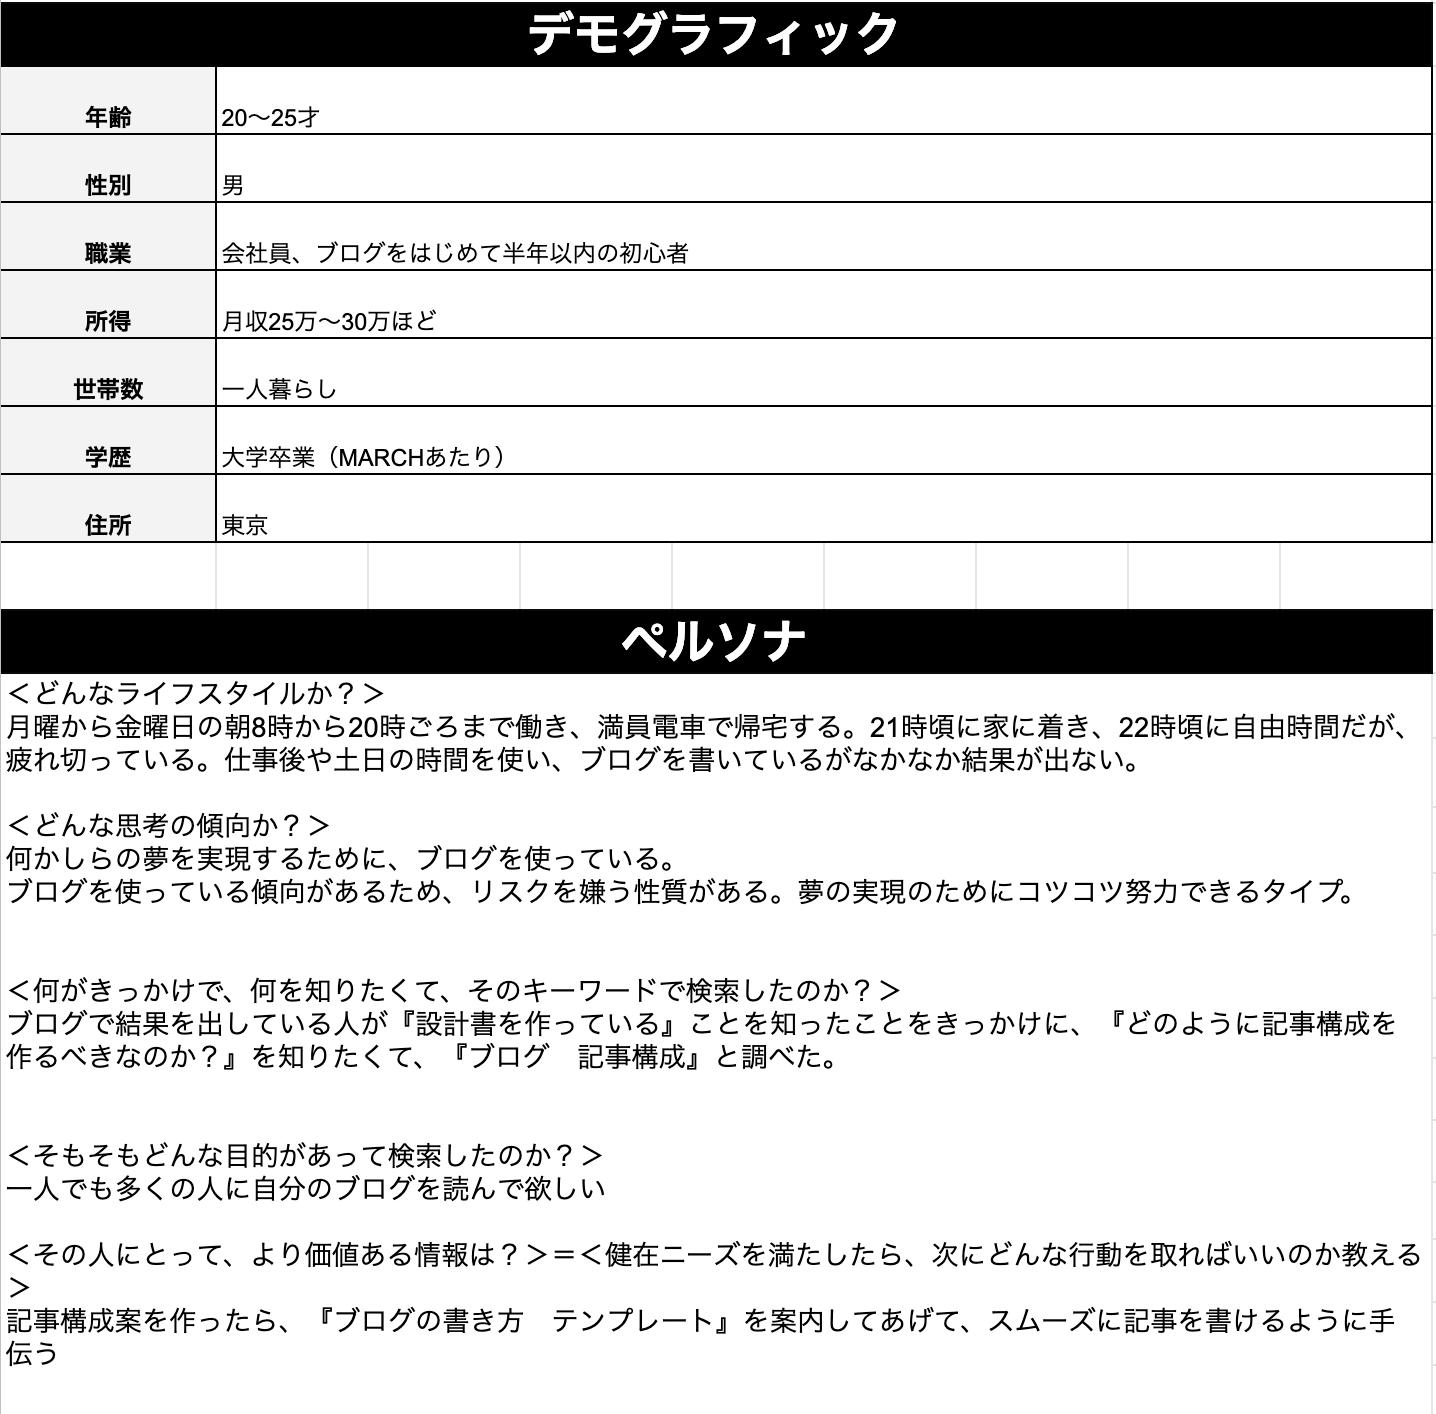 ブログ記事構成の作り方3ステップ(ニーズ分析:デモグラフィック・ペルソナ)